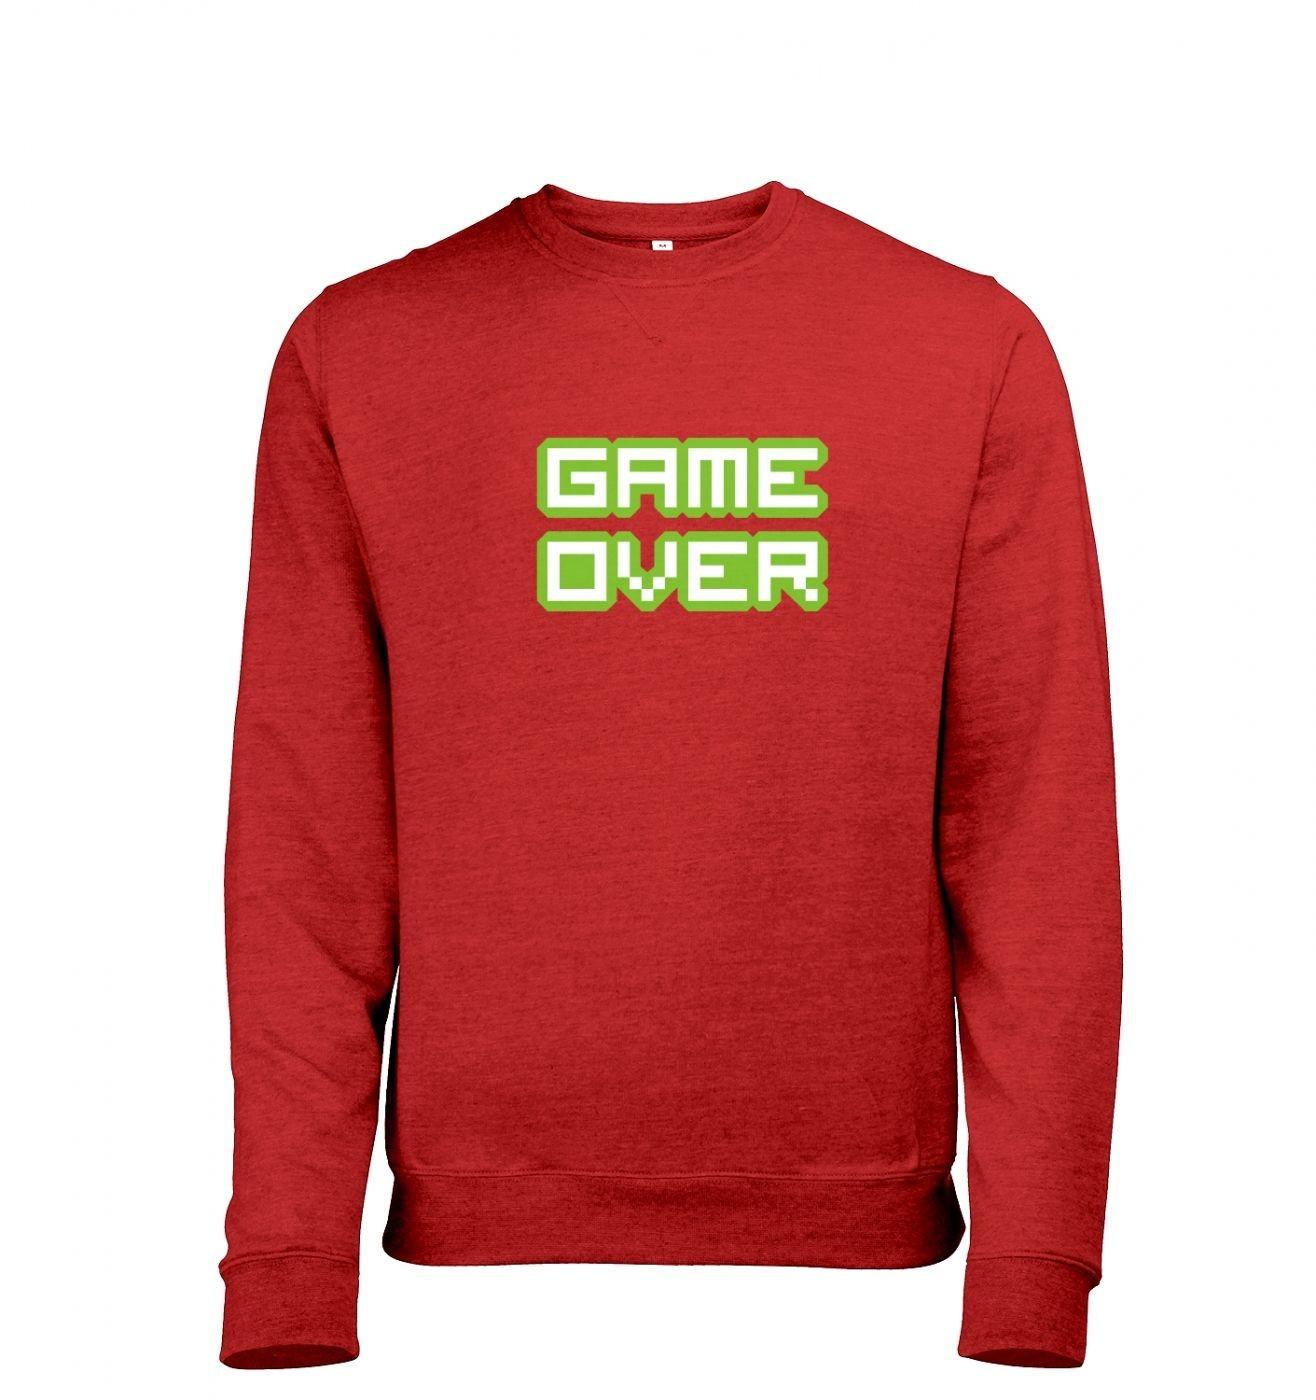 Pixelated Game Over men's heather sweatshirt